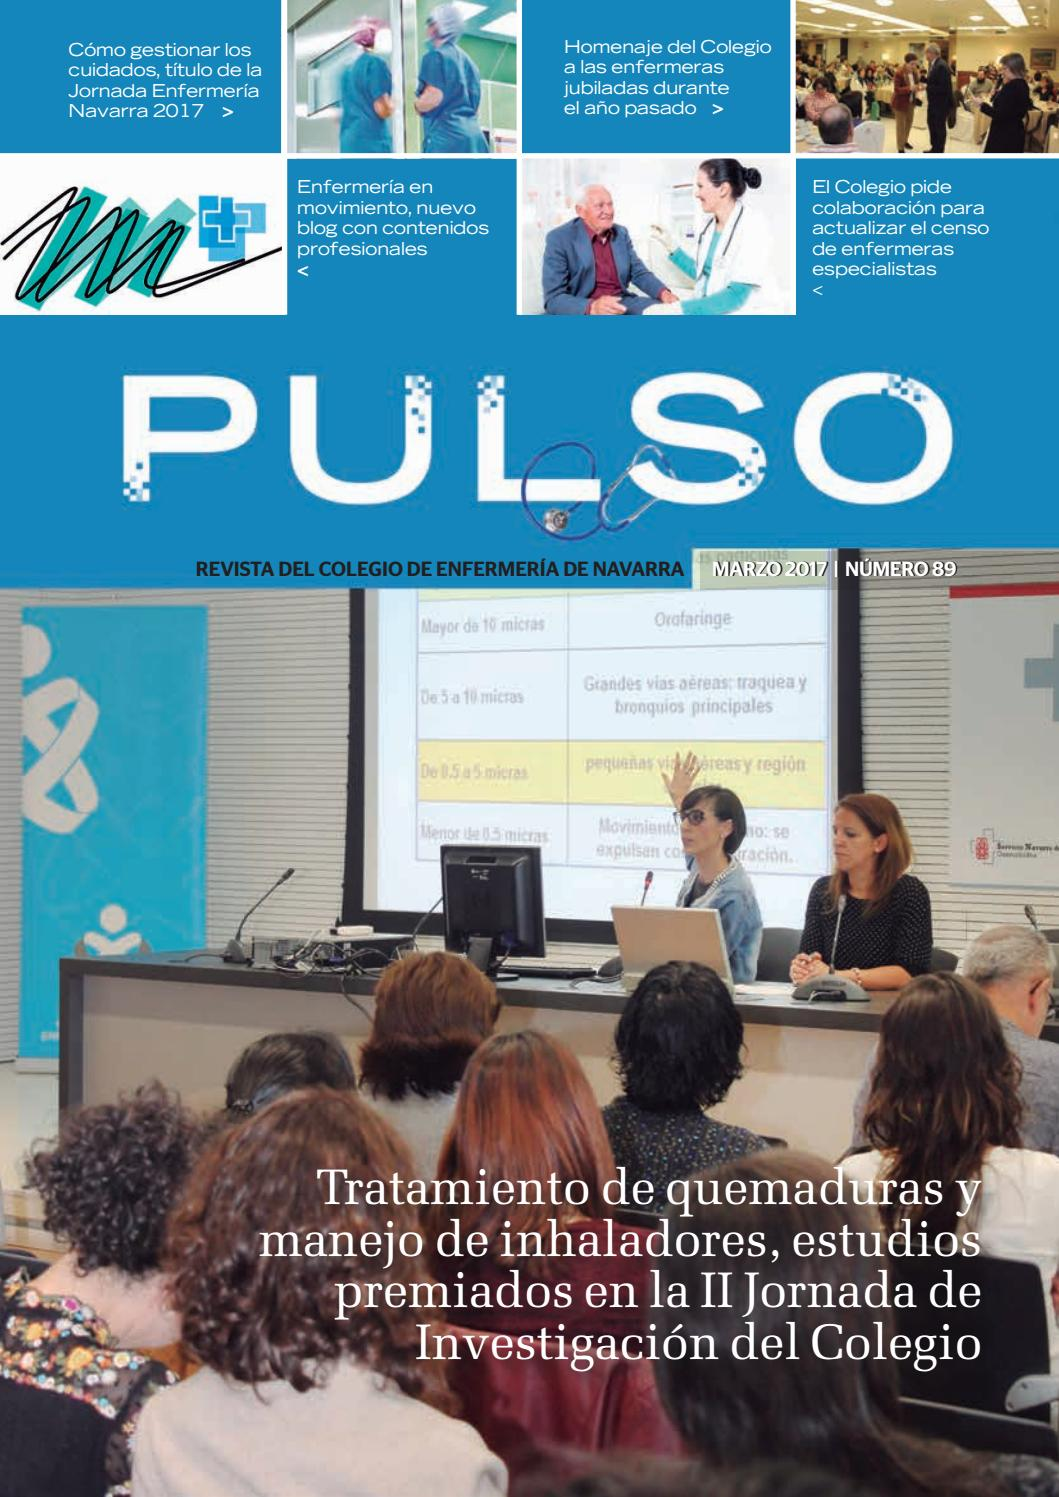 43e51eb690 Pulso 89 by Colegio de Enfermería de Navarra - issuu